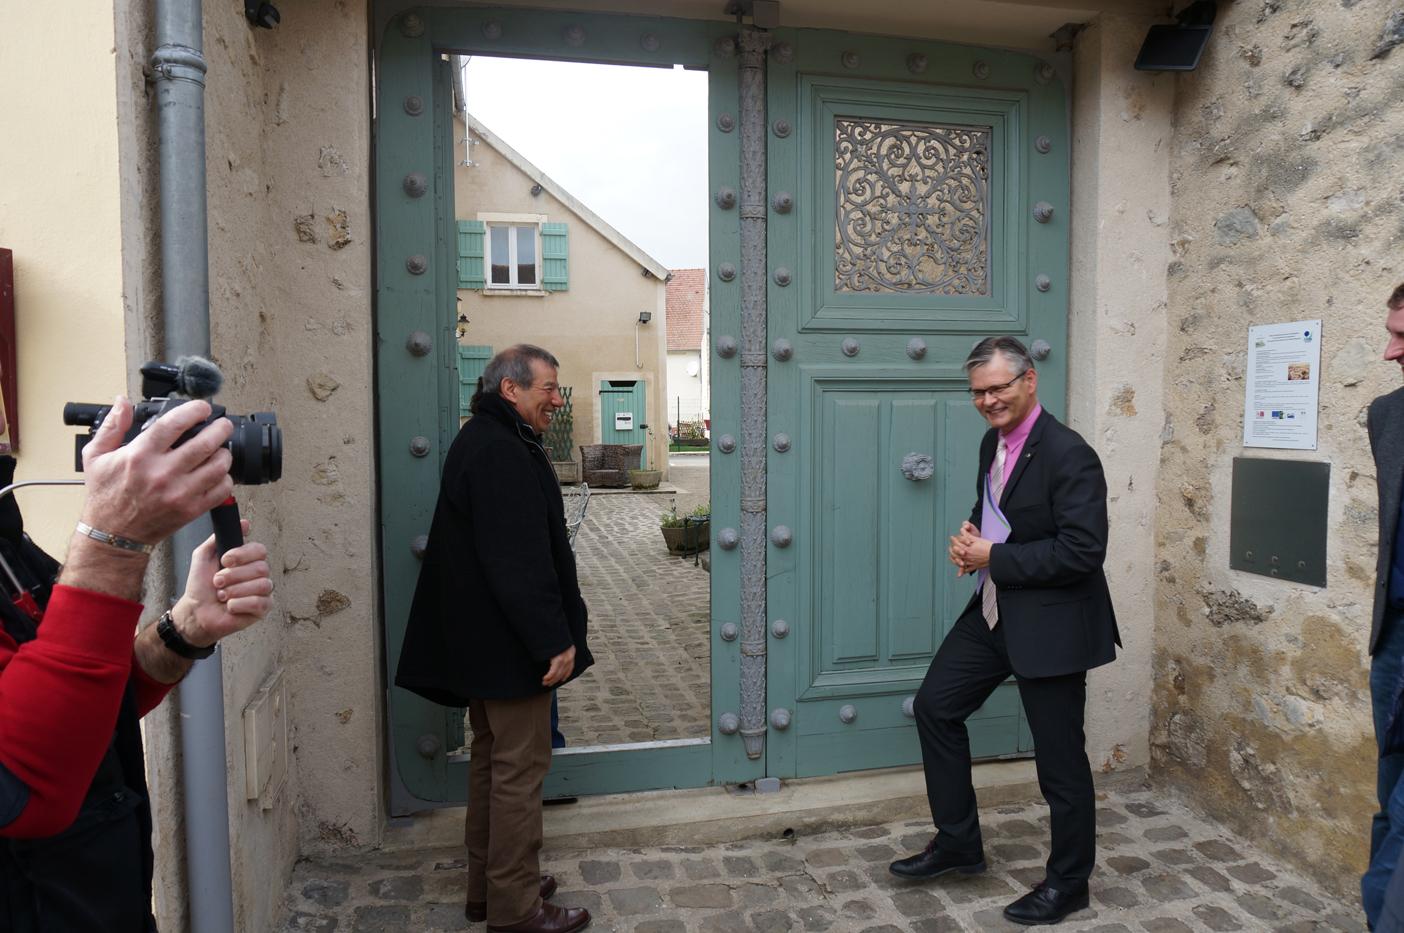 Porte de la prison de la Petite Roquette, restaurée par les élèves du lycée professionnel Jules Verne de Château-Thierry